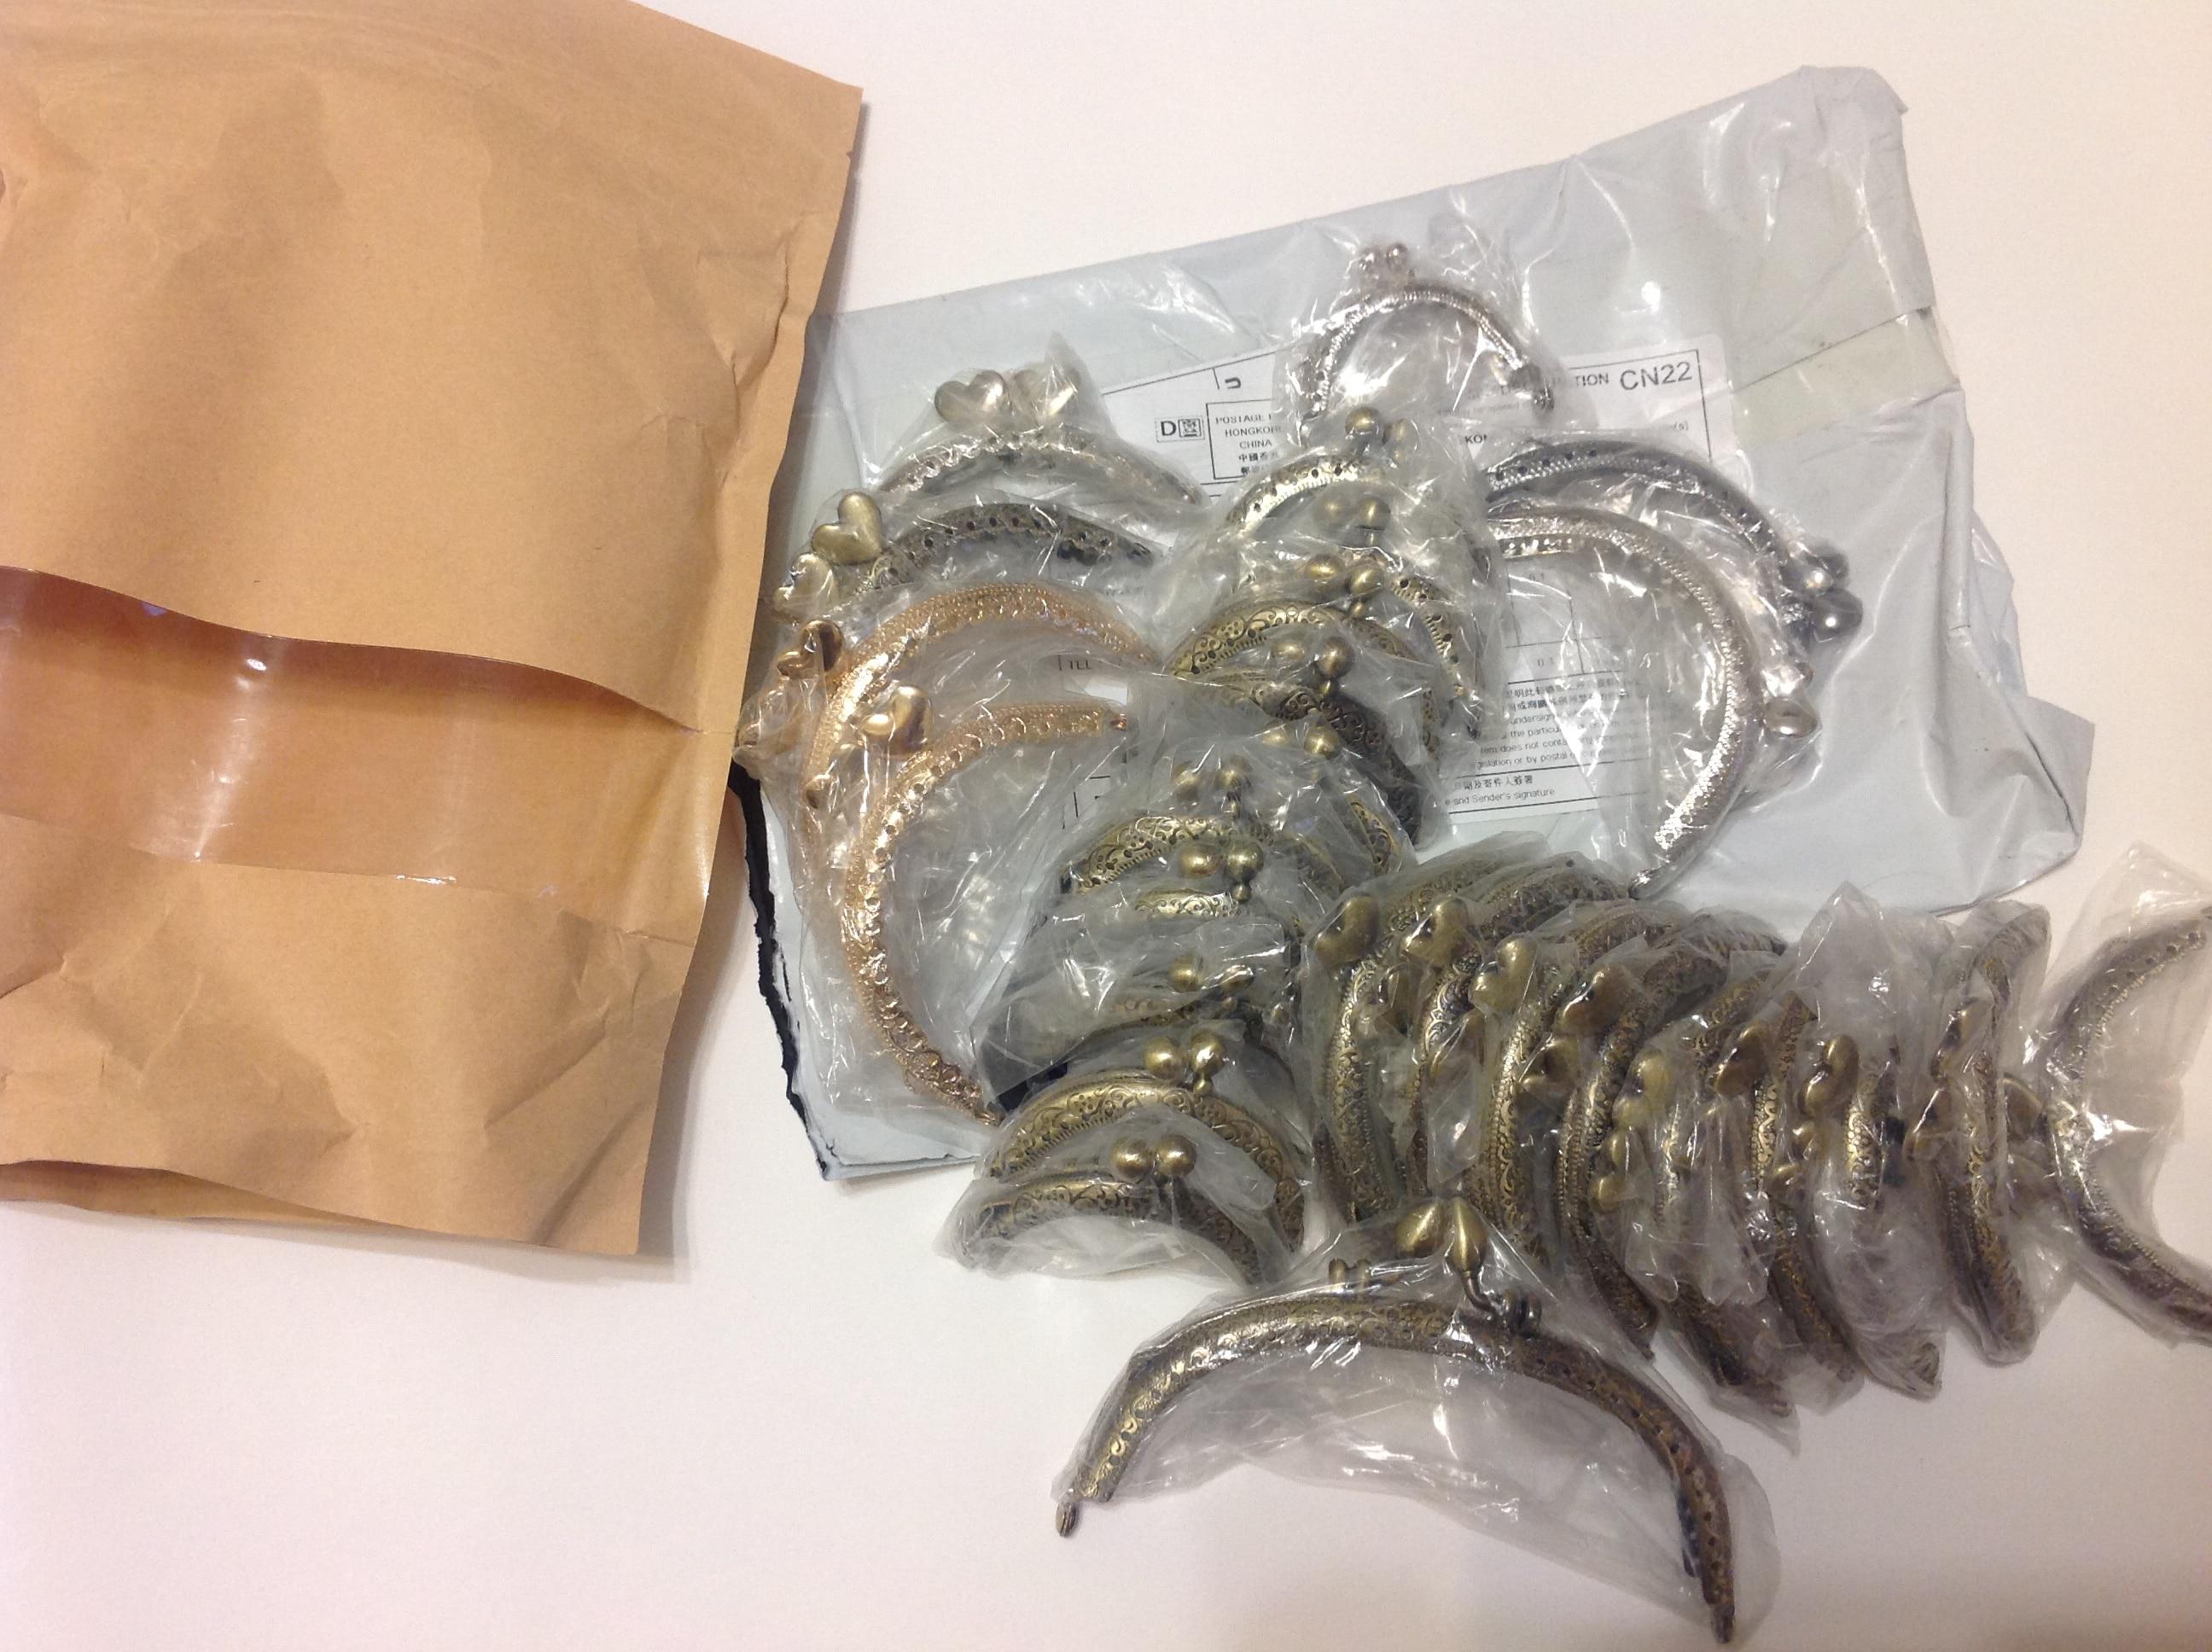 12.5cm Boog Metalen Portemonnee Frame Handvat voor Clutch Handtas Accessoires Maken Kus Sluiting Antiek Brons Toon Tassen Hardware photo review